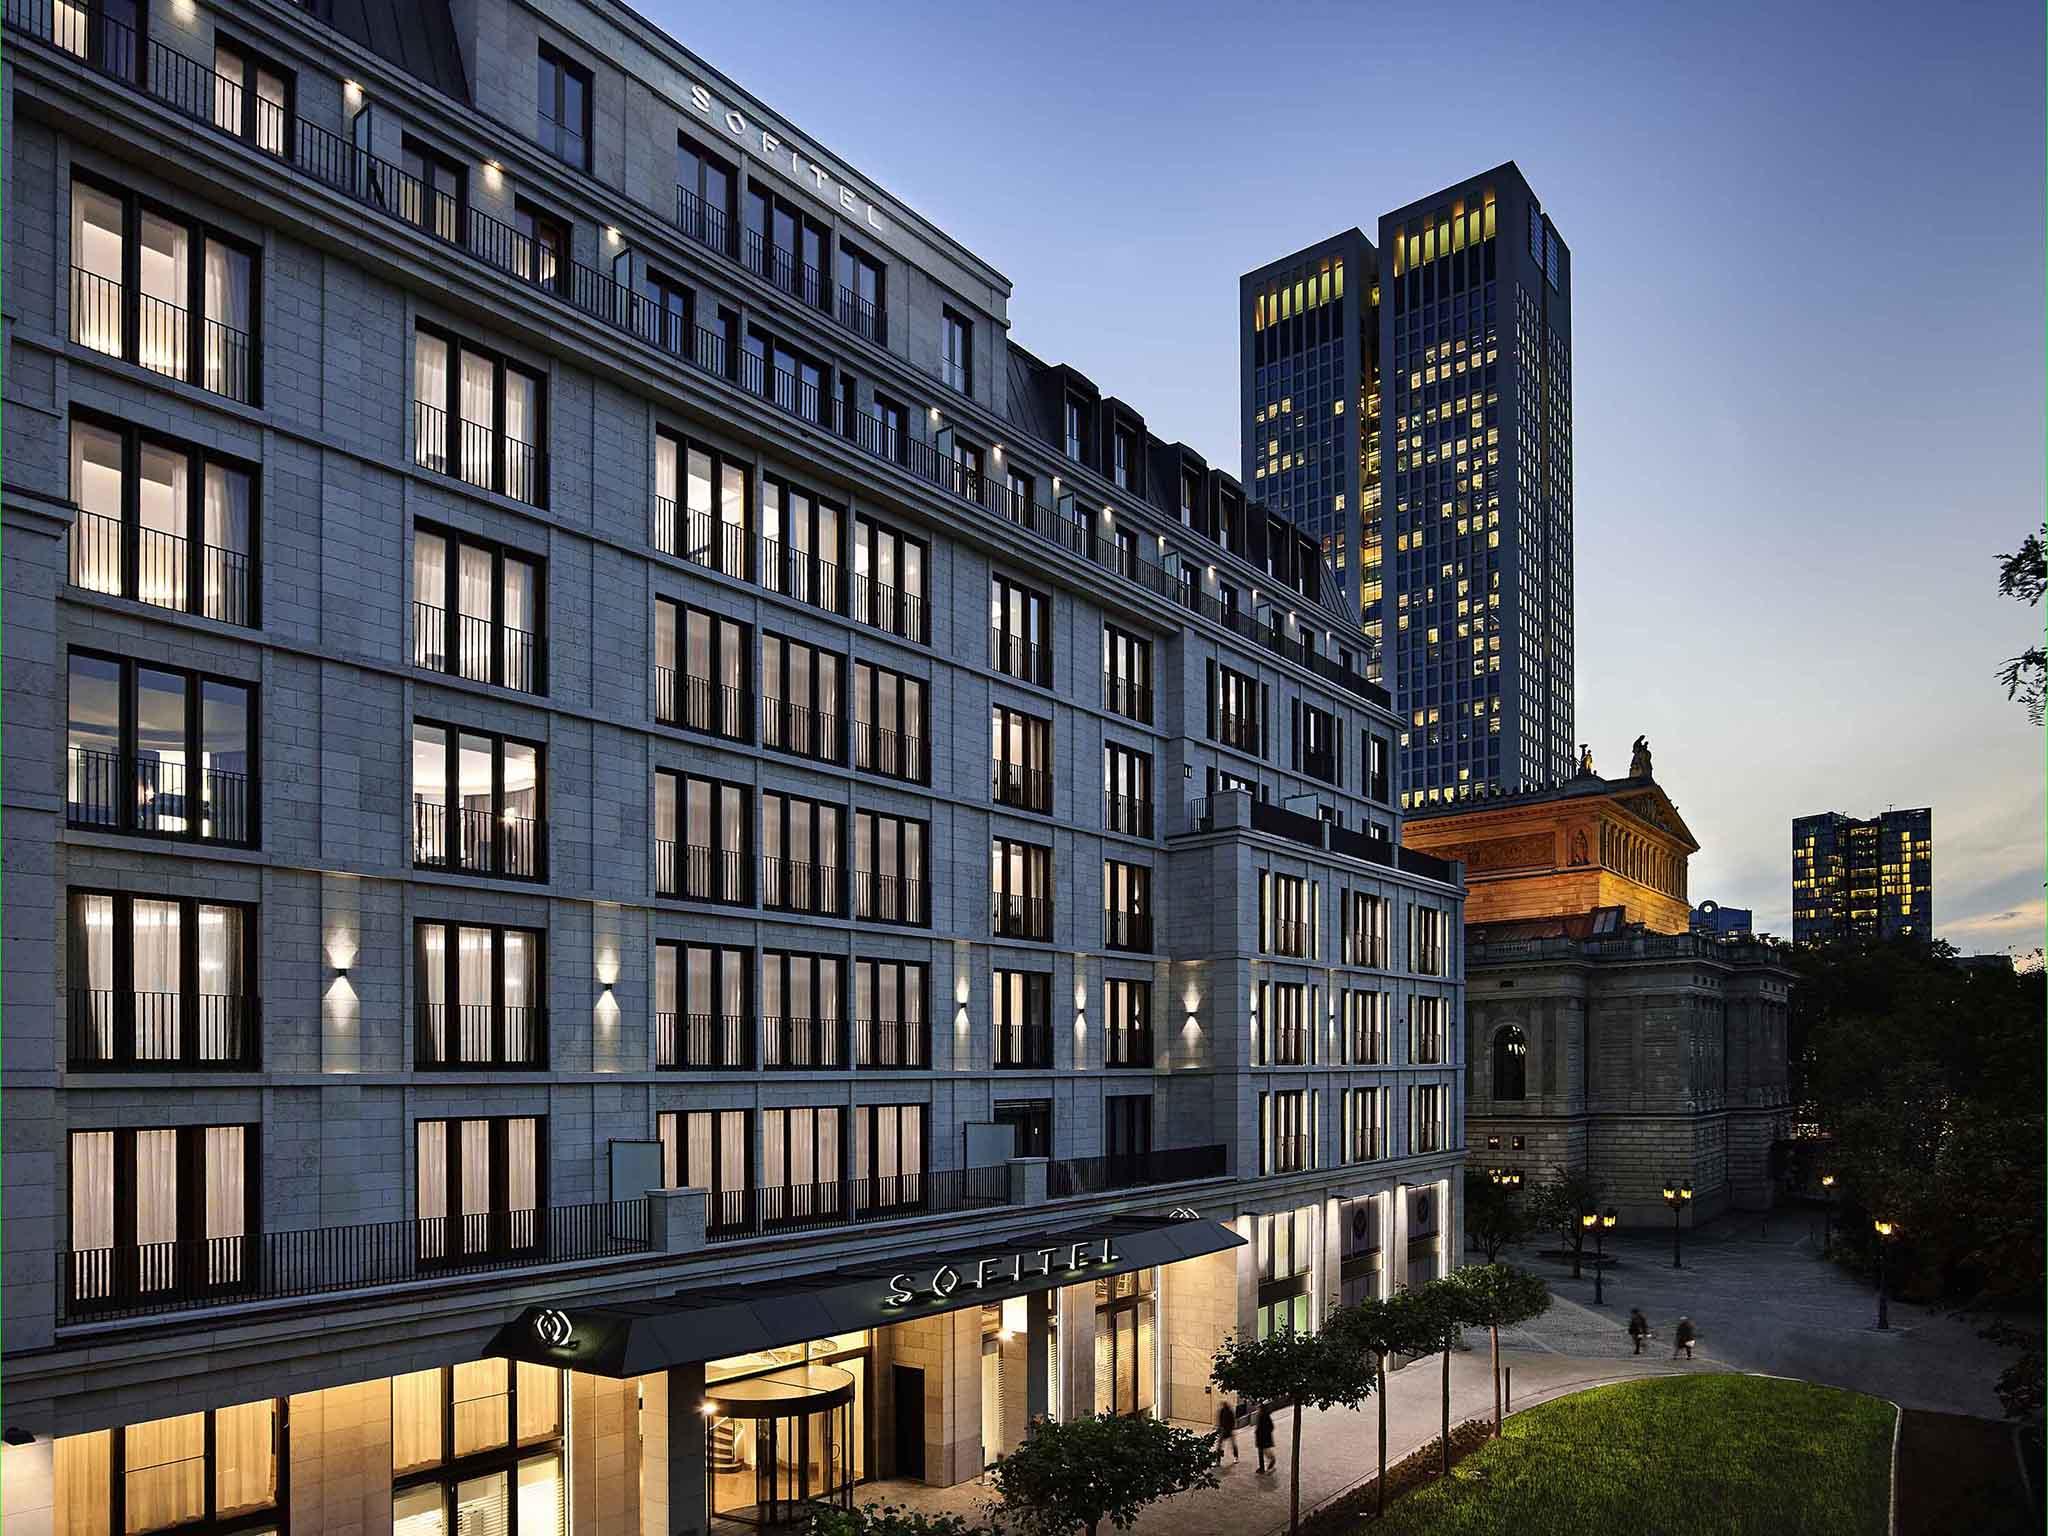 فندق - سوفيتل Sofitel فرانكفورت أوبرا